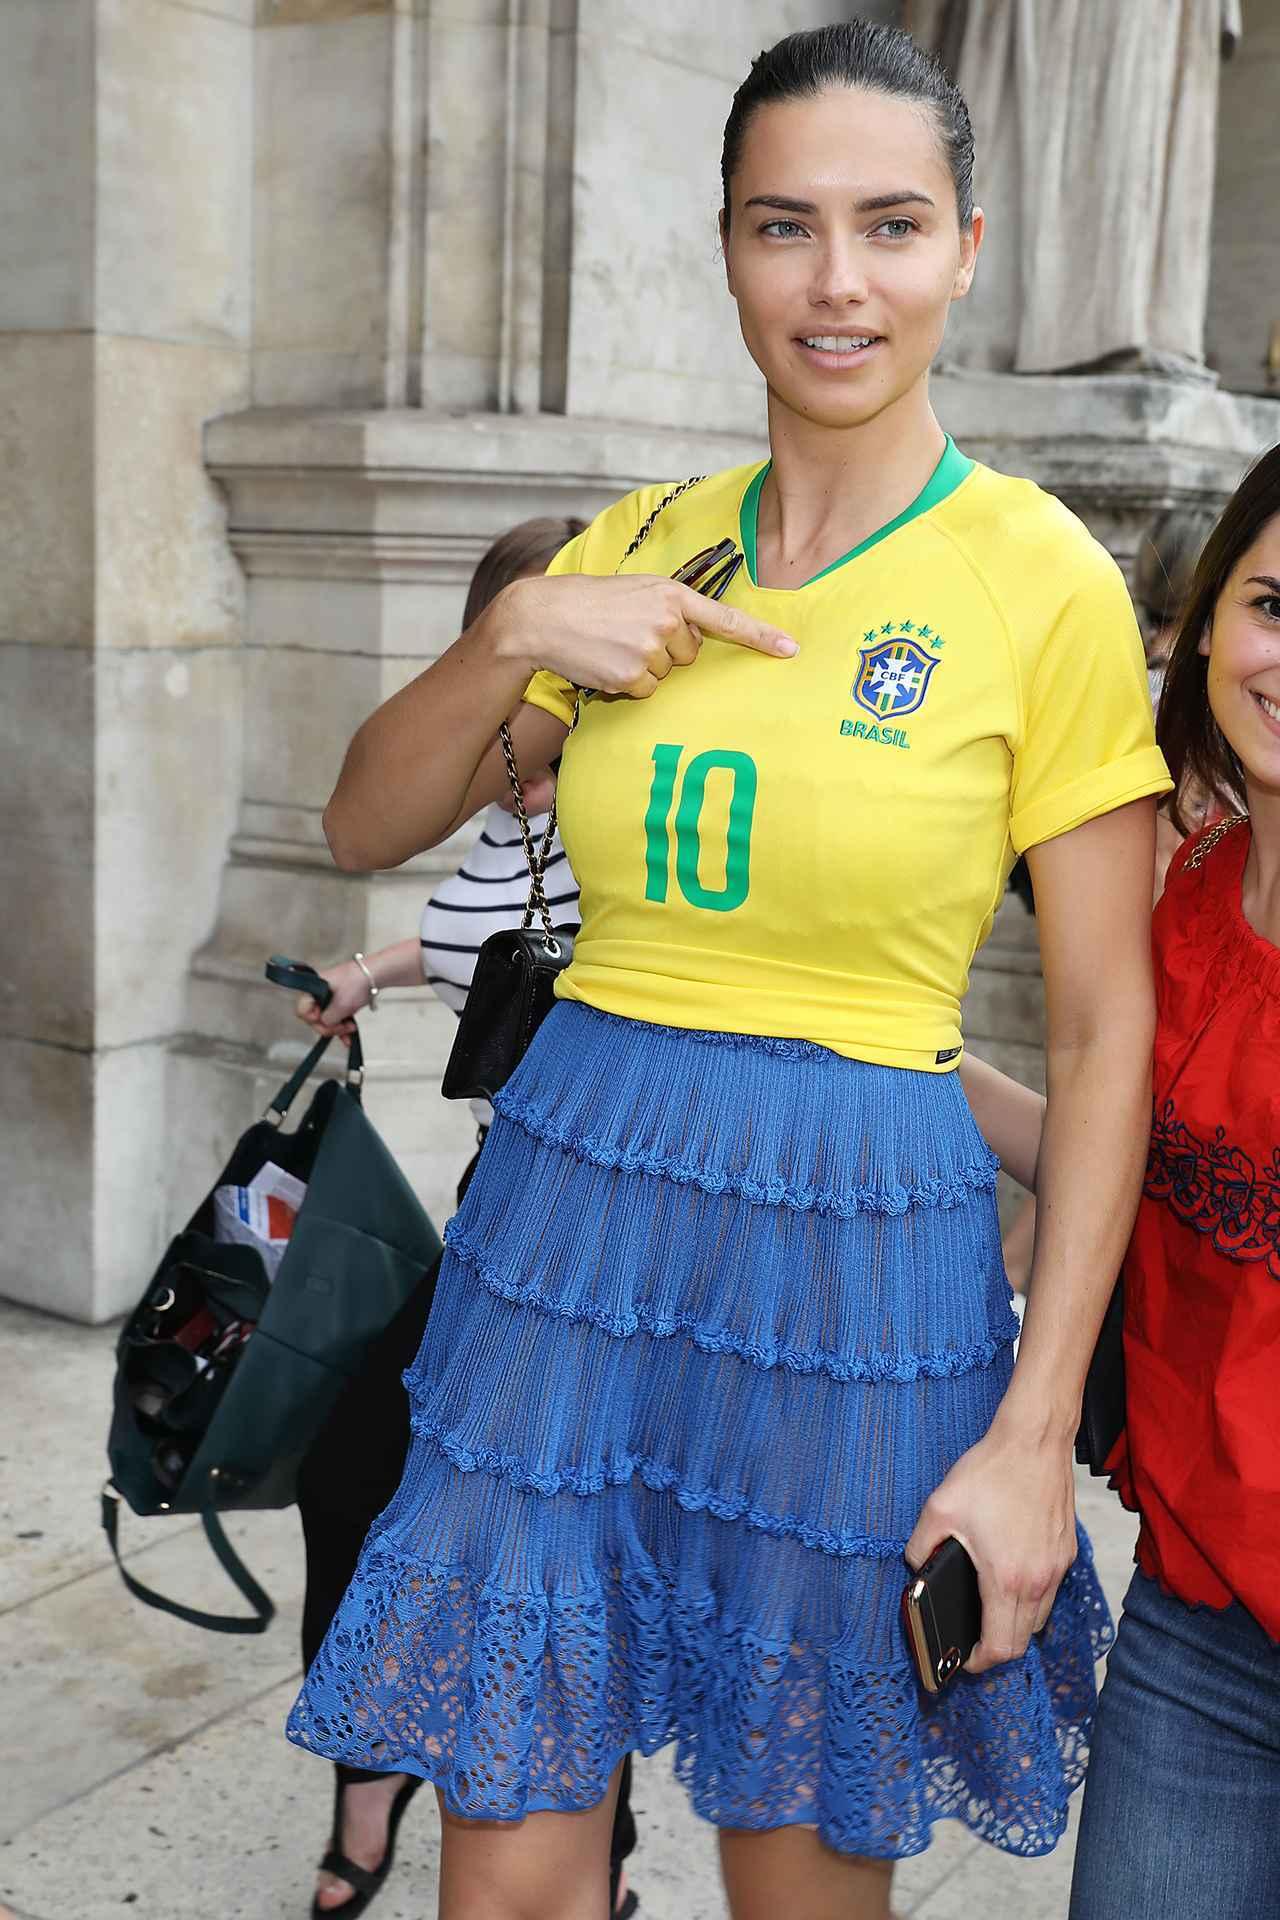 画像3: アドリアナ・リマ、ある方法でサッカーブラジル代表愛を炸裂させる